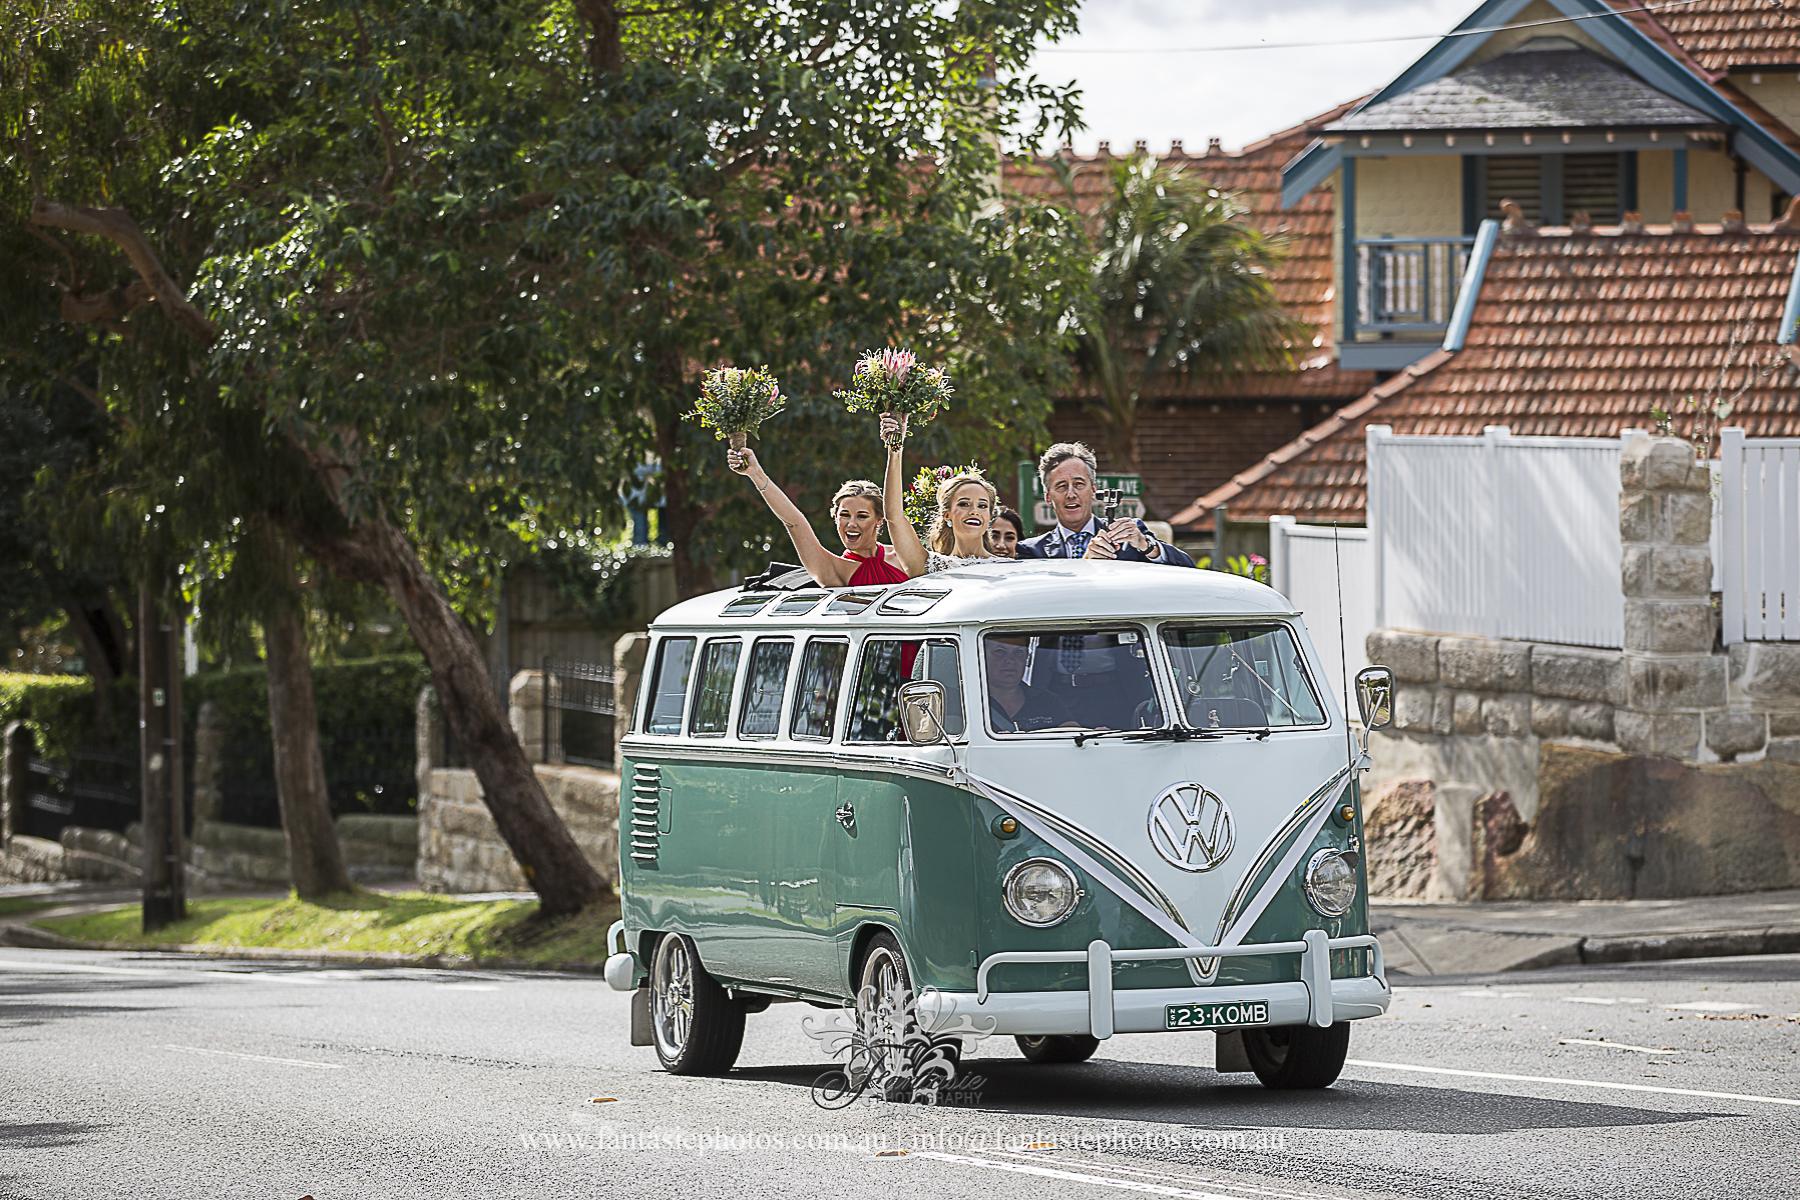 Volkswagen Vintage Classic Kombi Wedding Van Car | Fantasie Photography